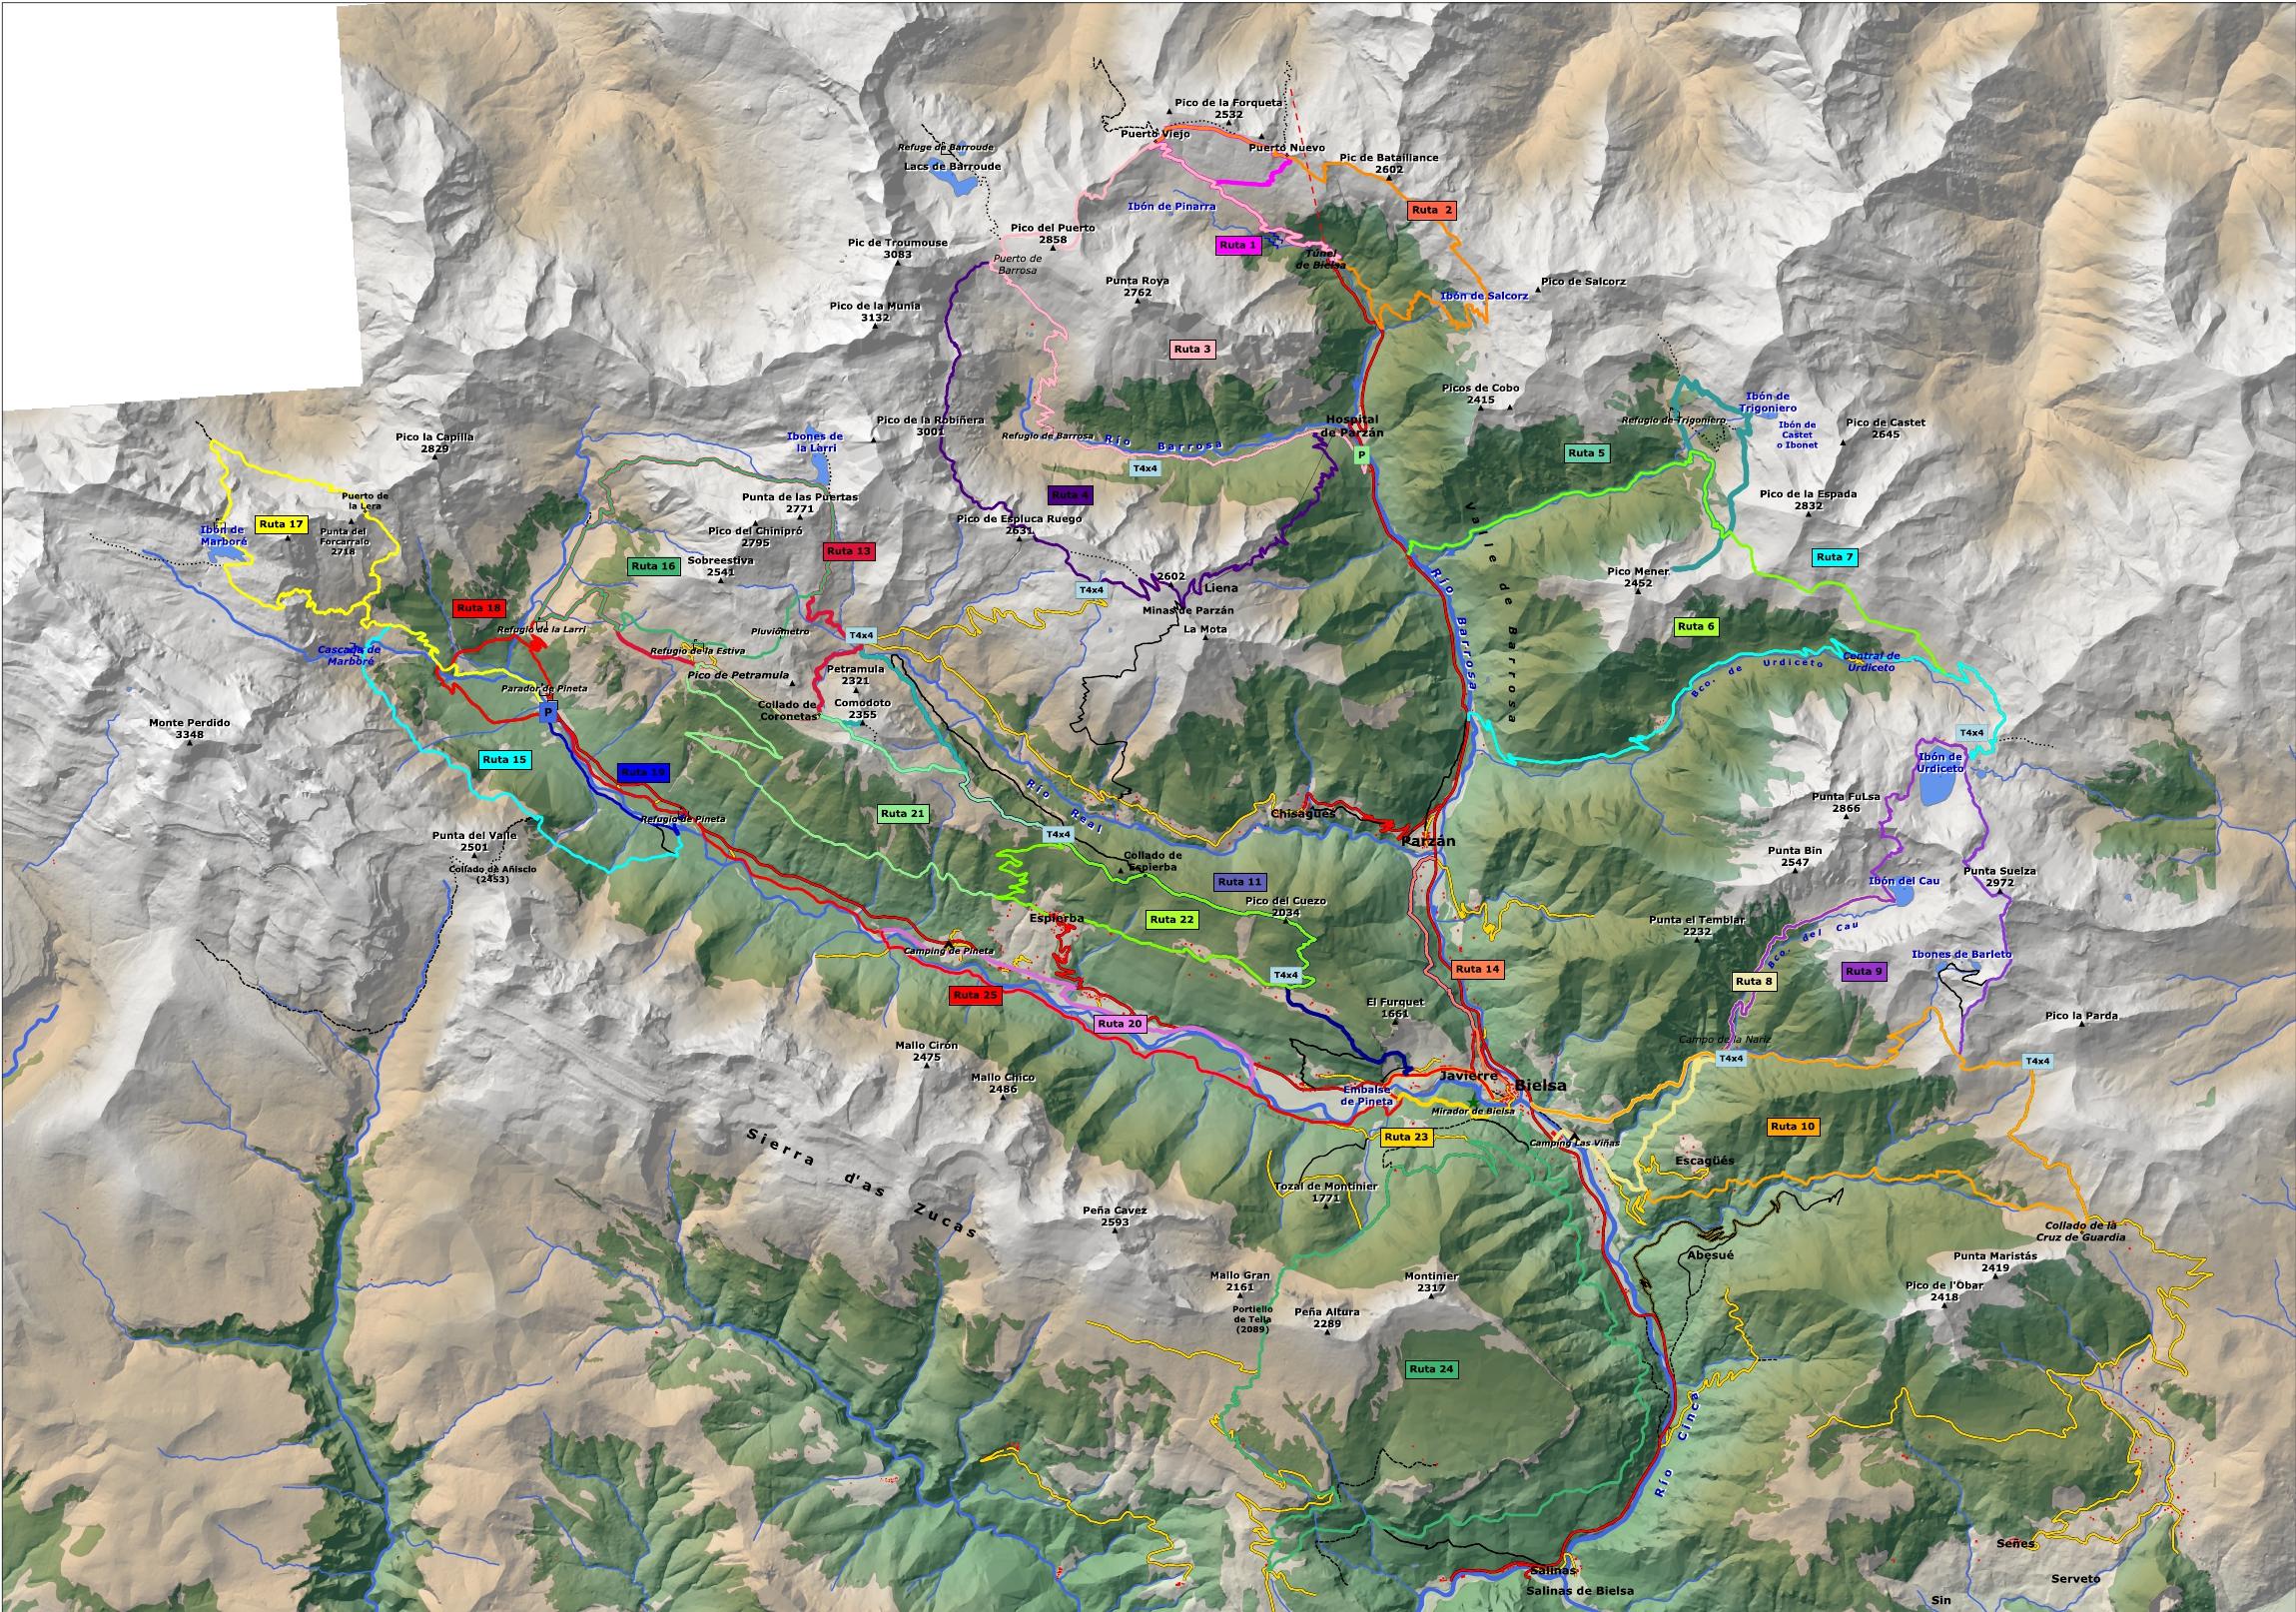 Valle De Pineta Mapa.Turismo De Bielsa Tus Rutas De Senderismo Cerca De Bielsa